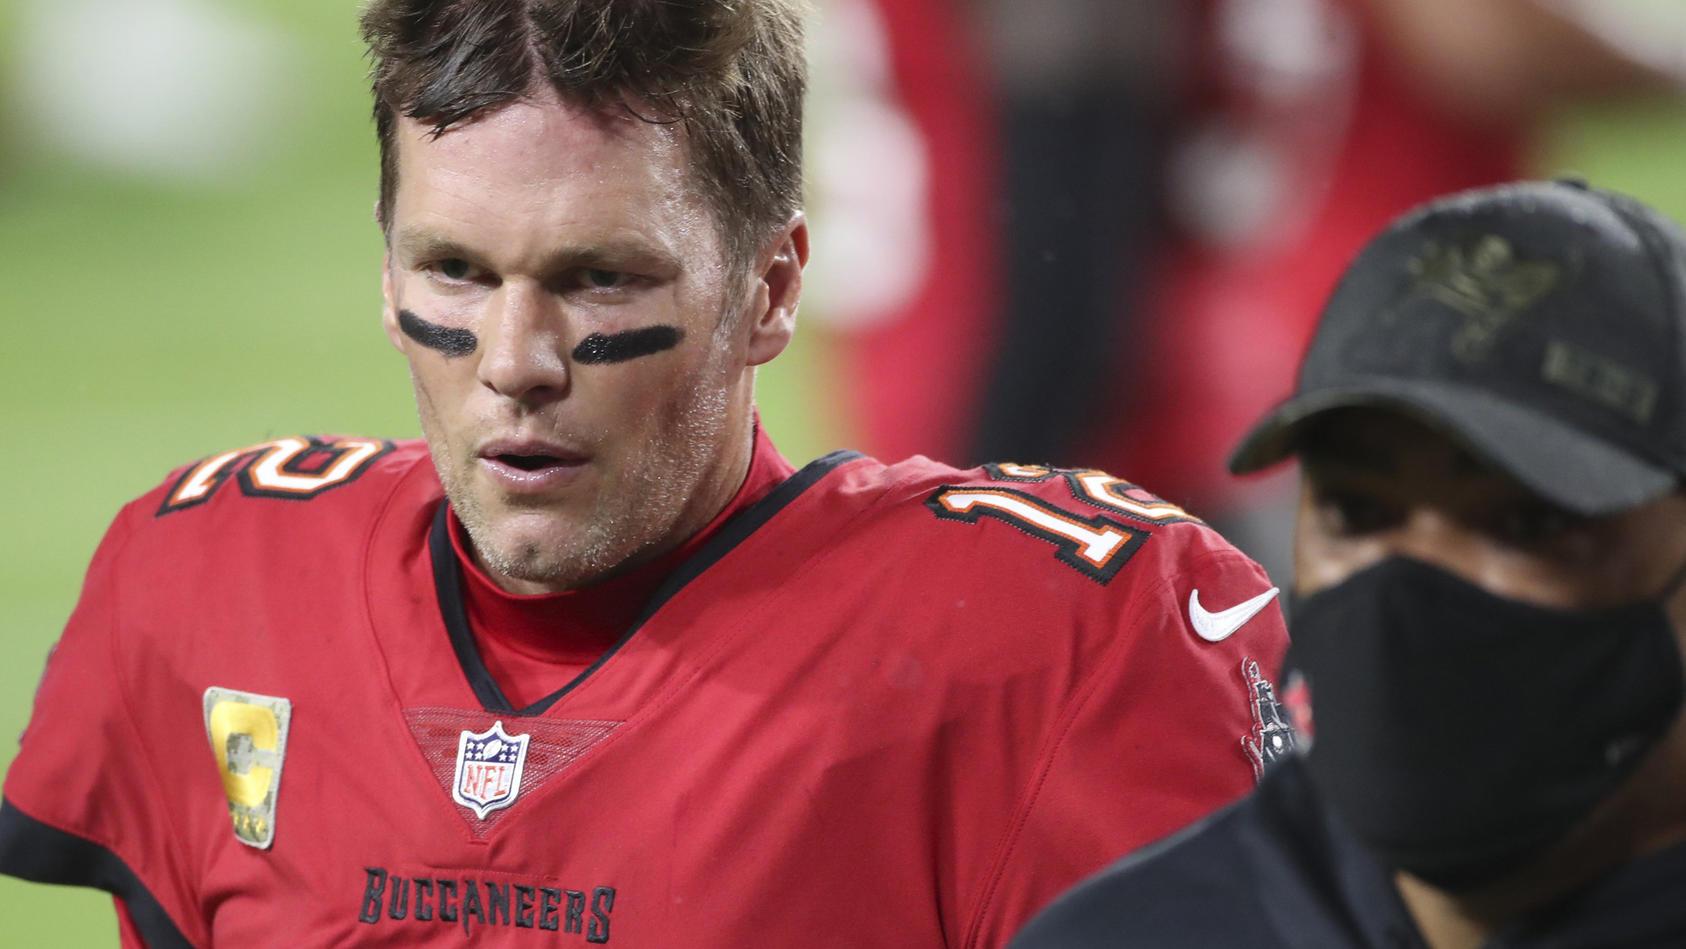 Quarterback-Superstar Tom Brady